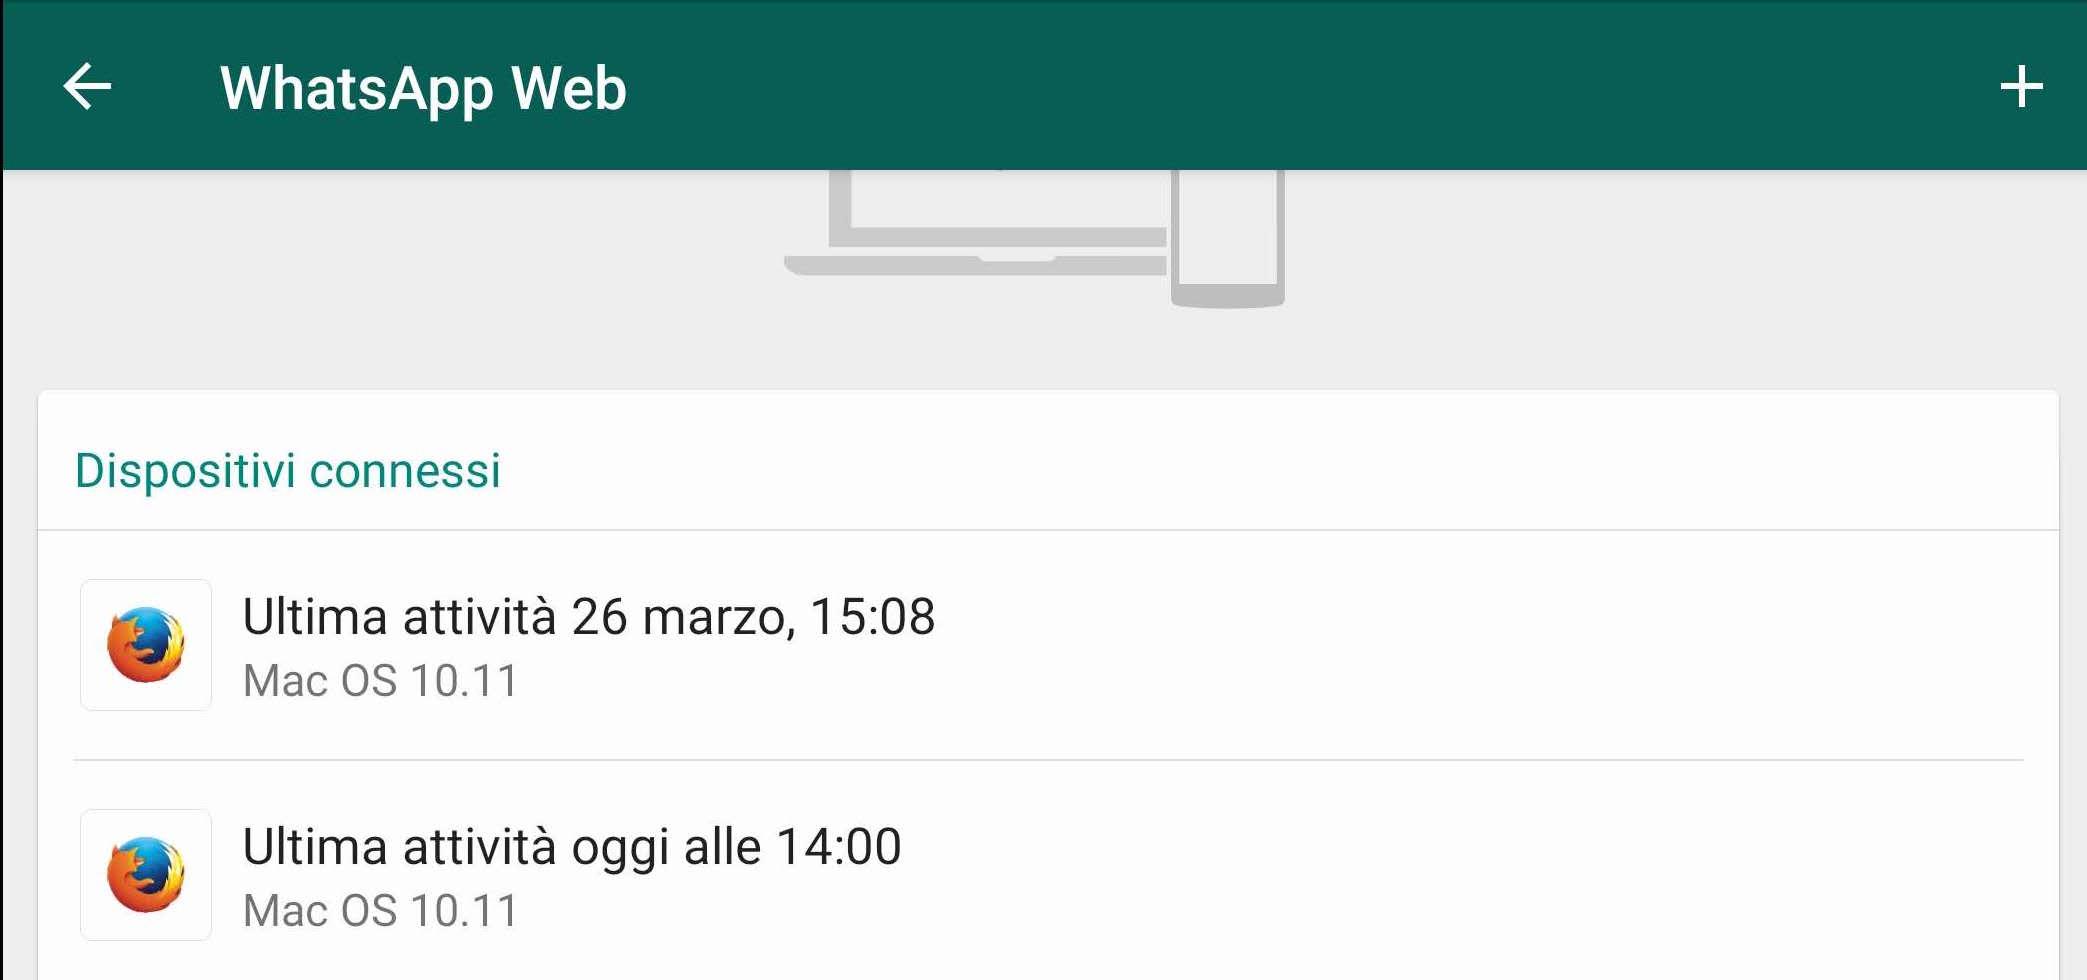 WhatsApp Web accesso